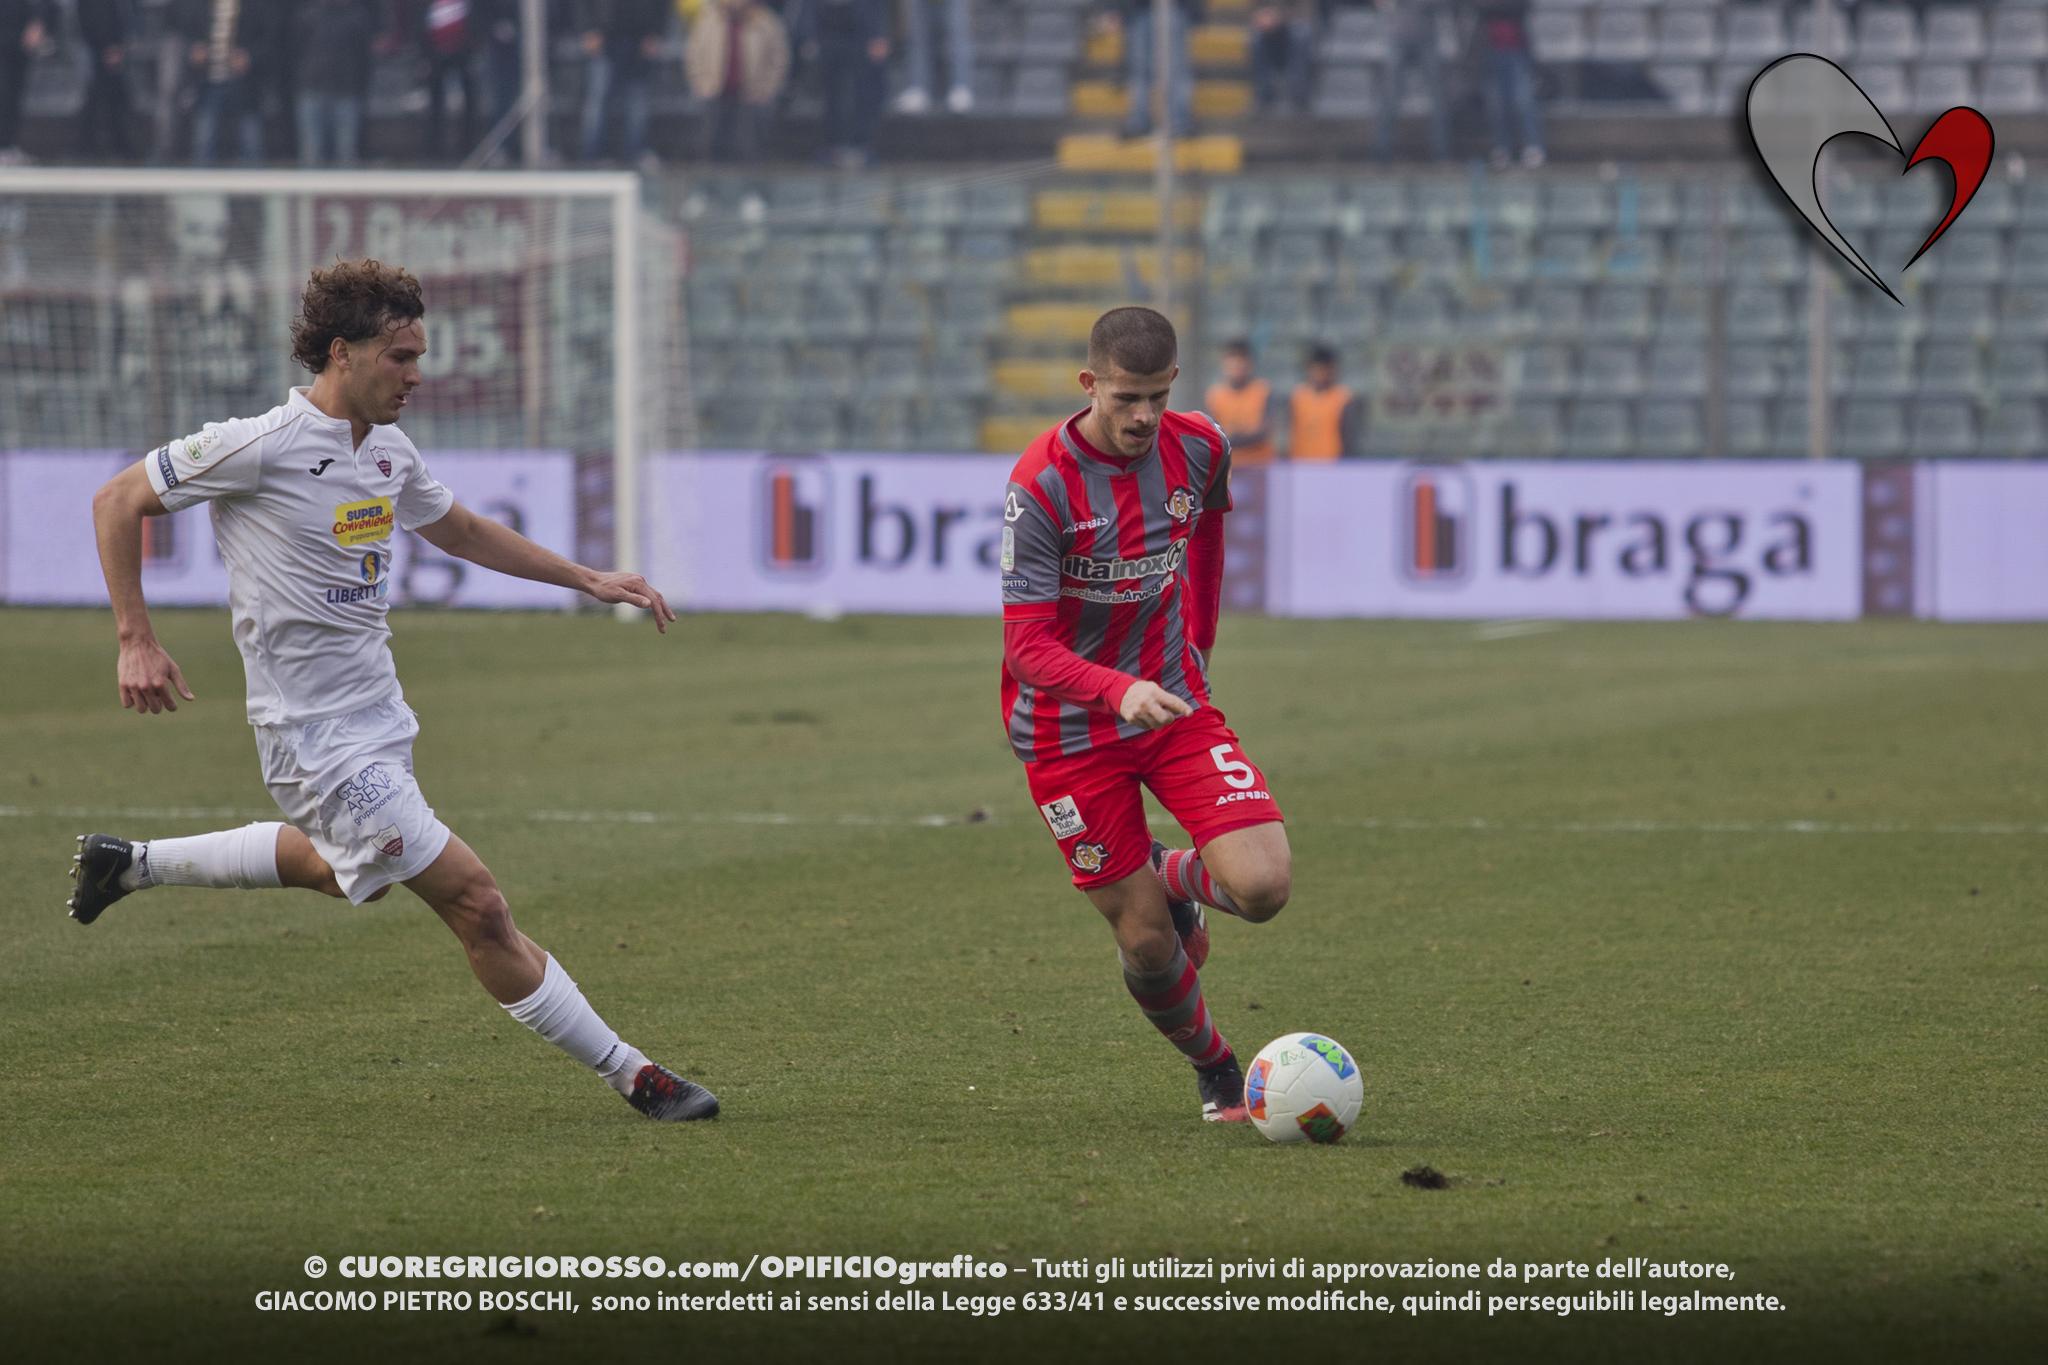 Classifica marcatori, Valzania ritorna al gol